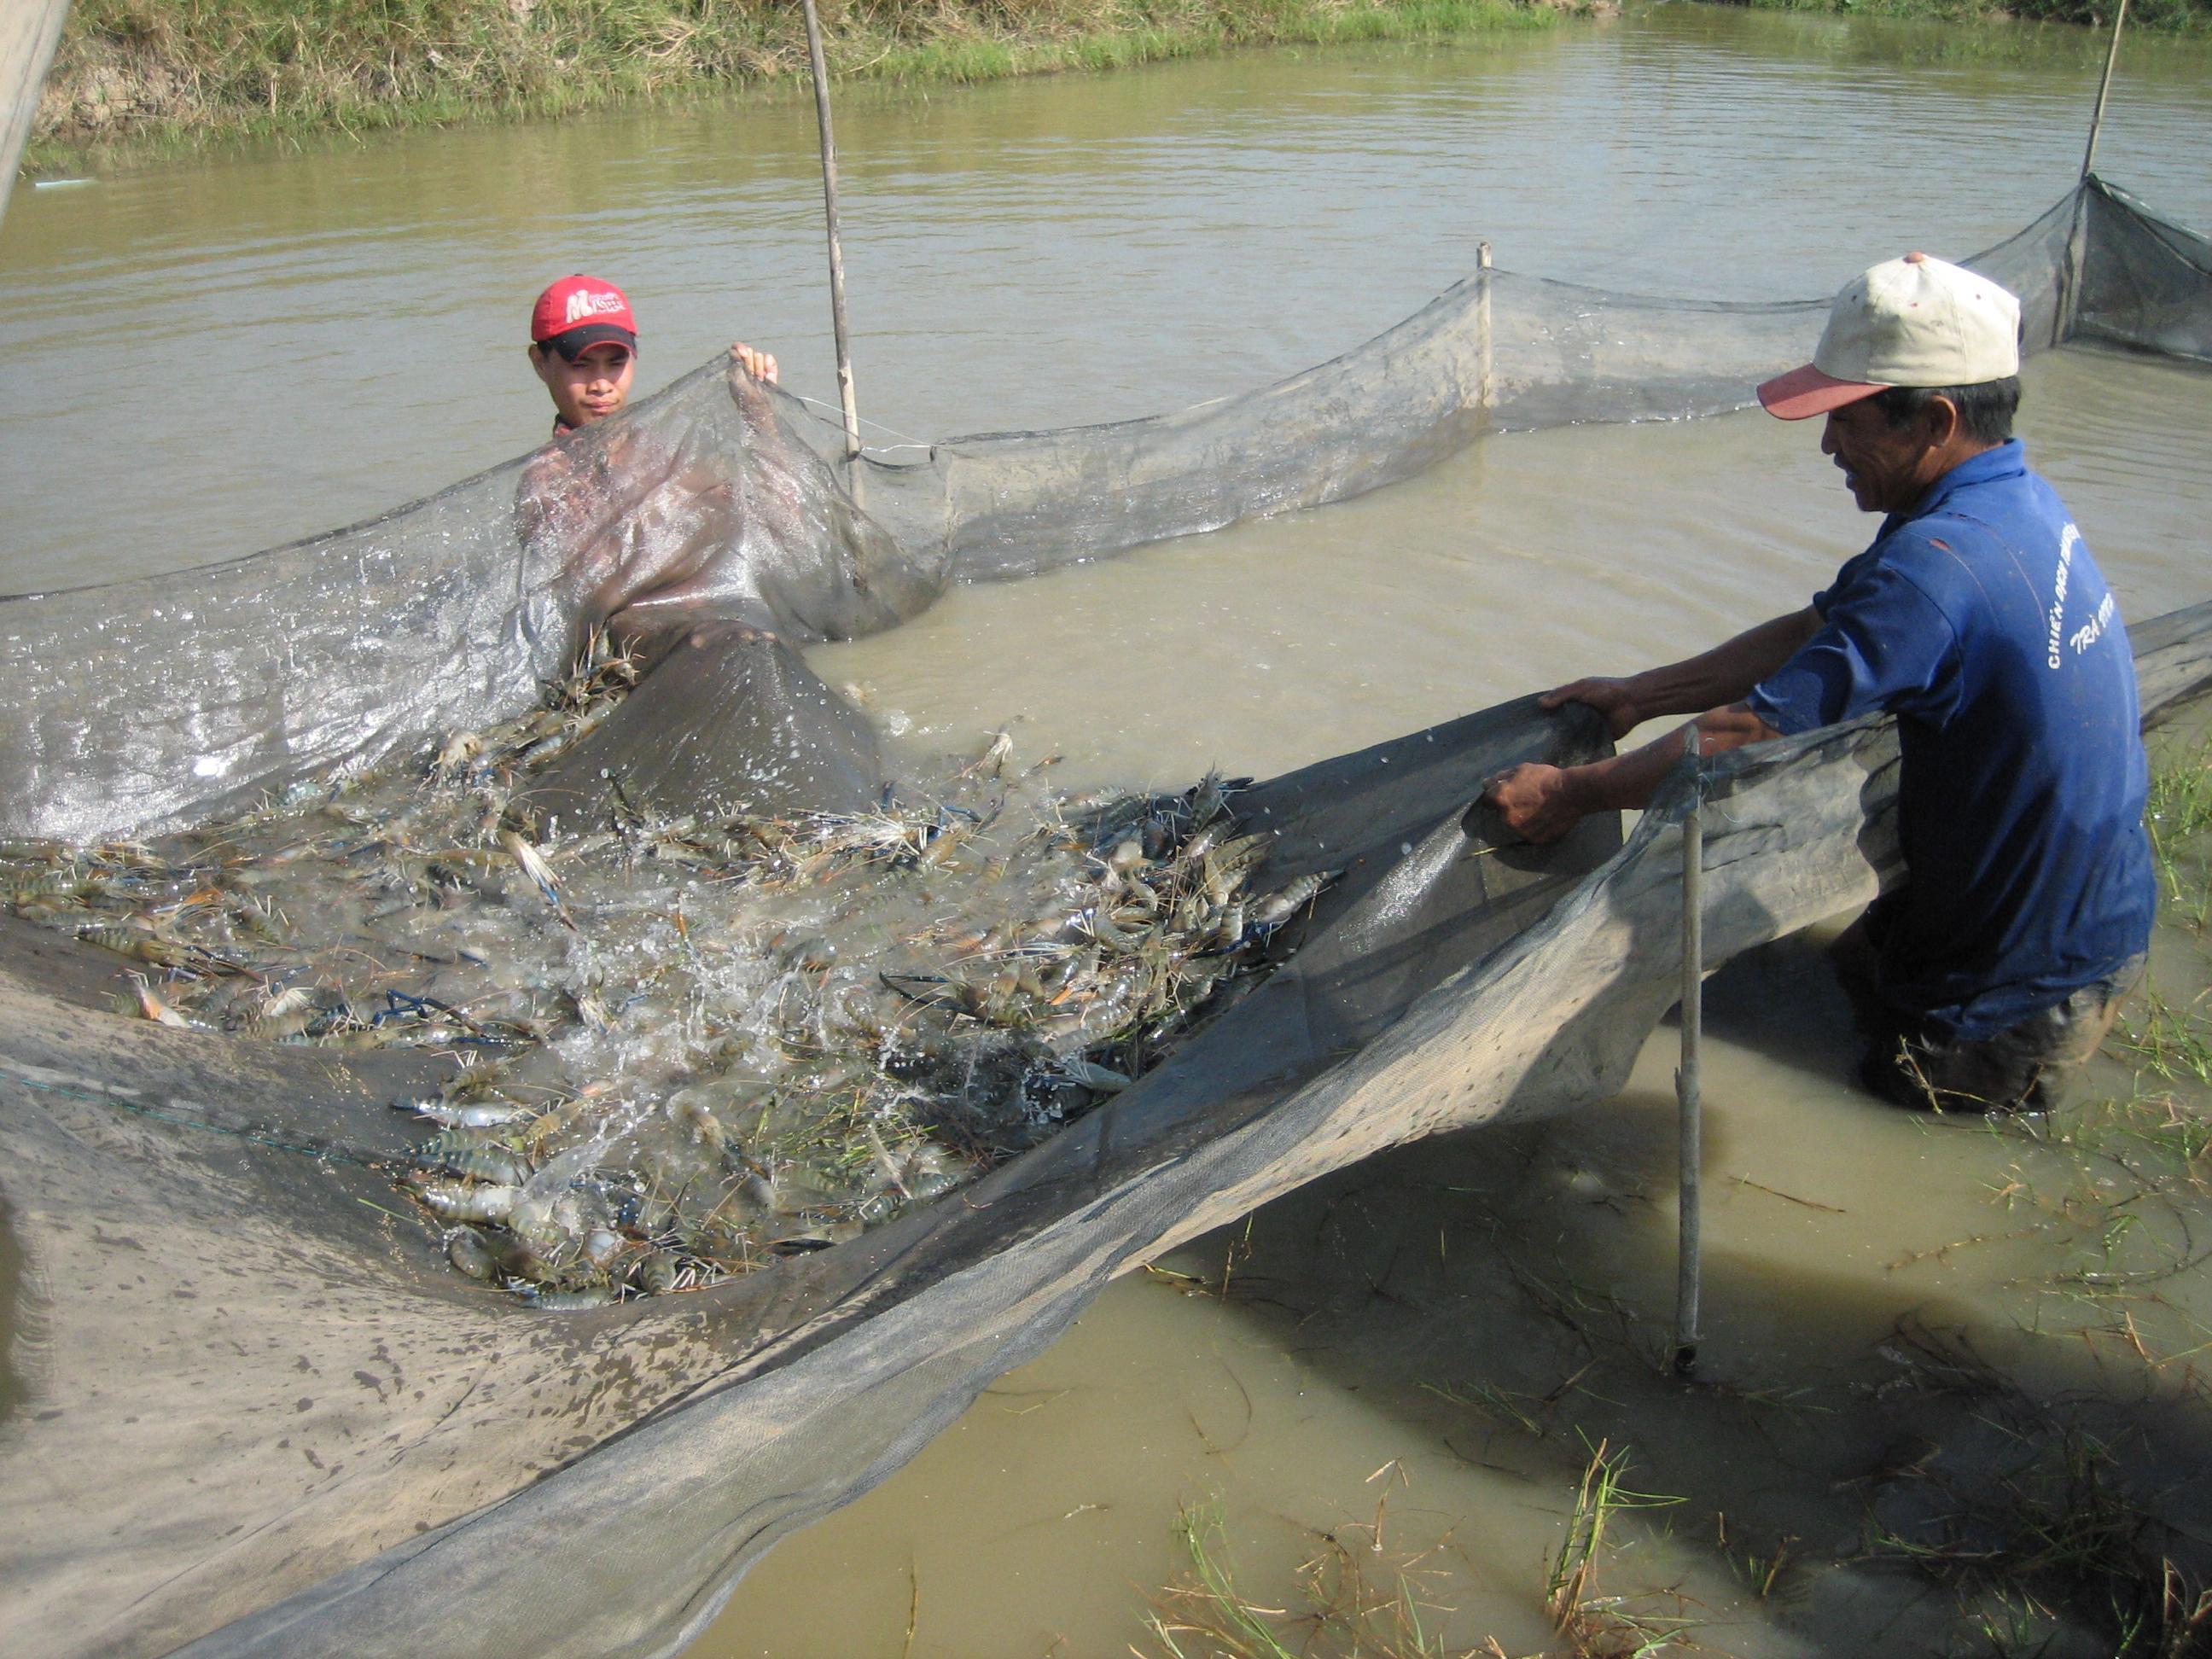 Thực hiện các biện pháp chống nắng nóng sẽ giúp đảm bảo và nâng cao năng suất tôm, cá